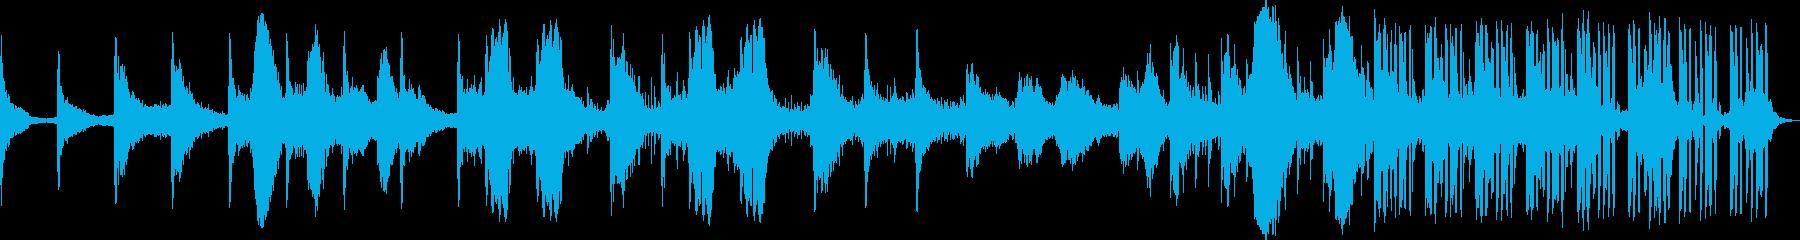 シネマティック サスペンス 期待す...の再生済みの波形